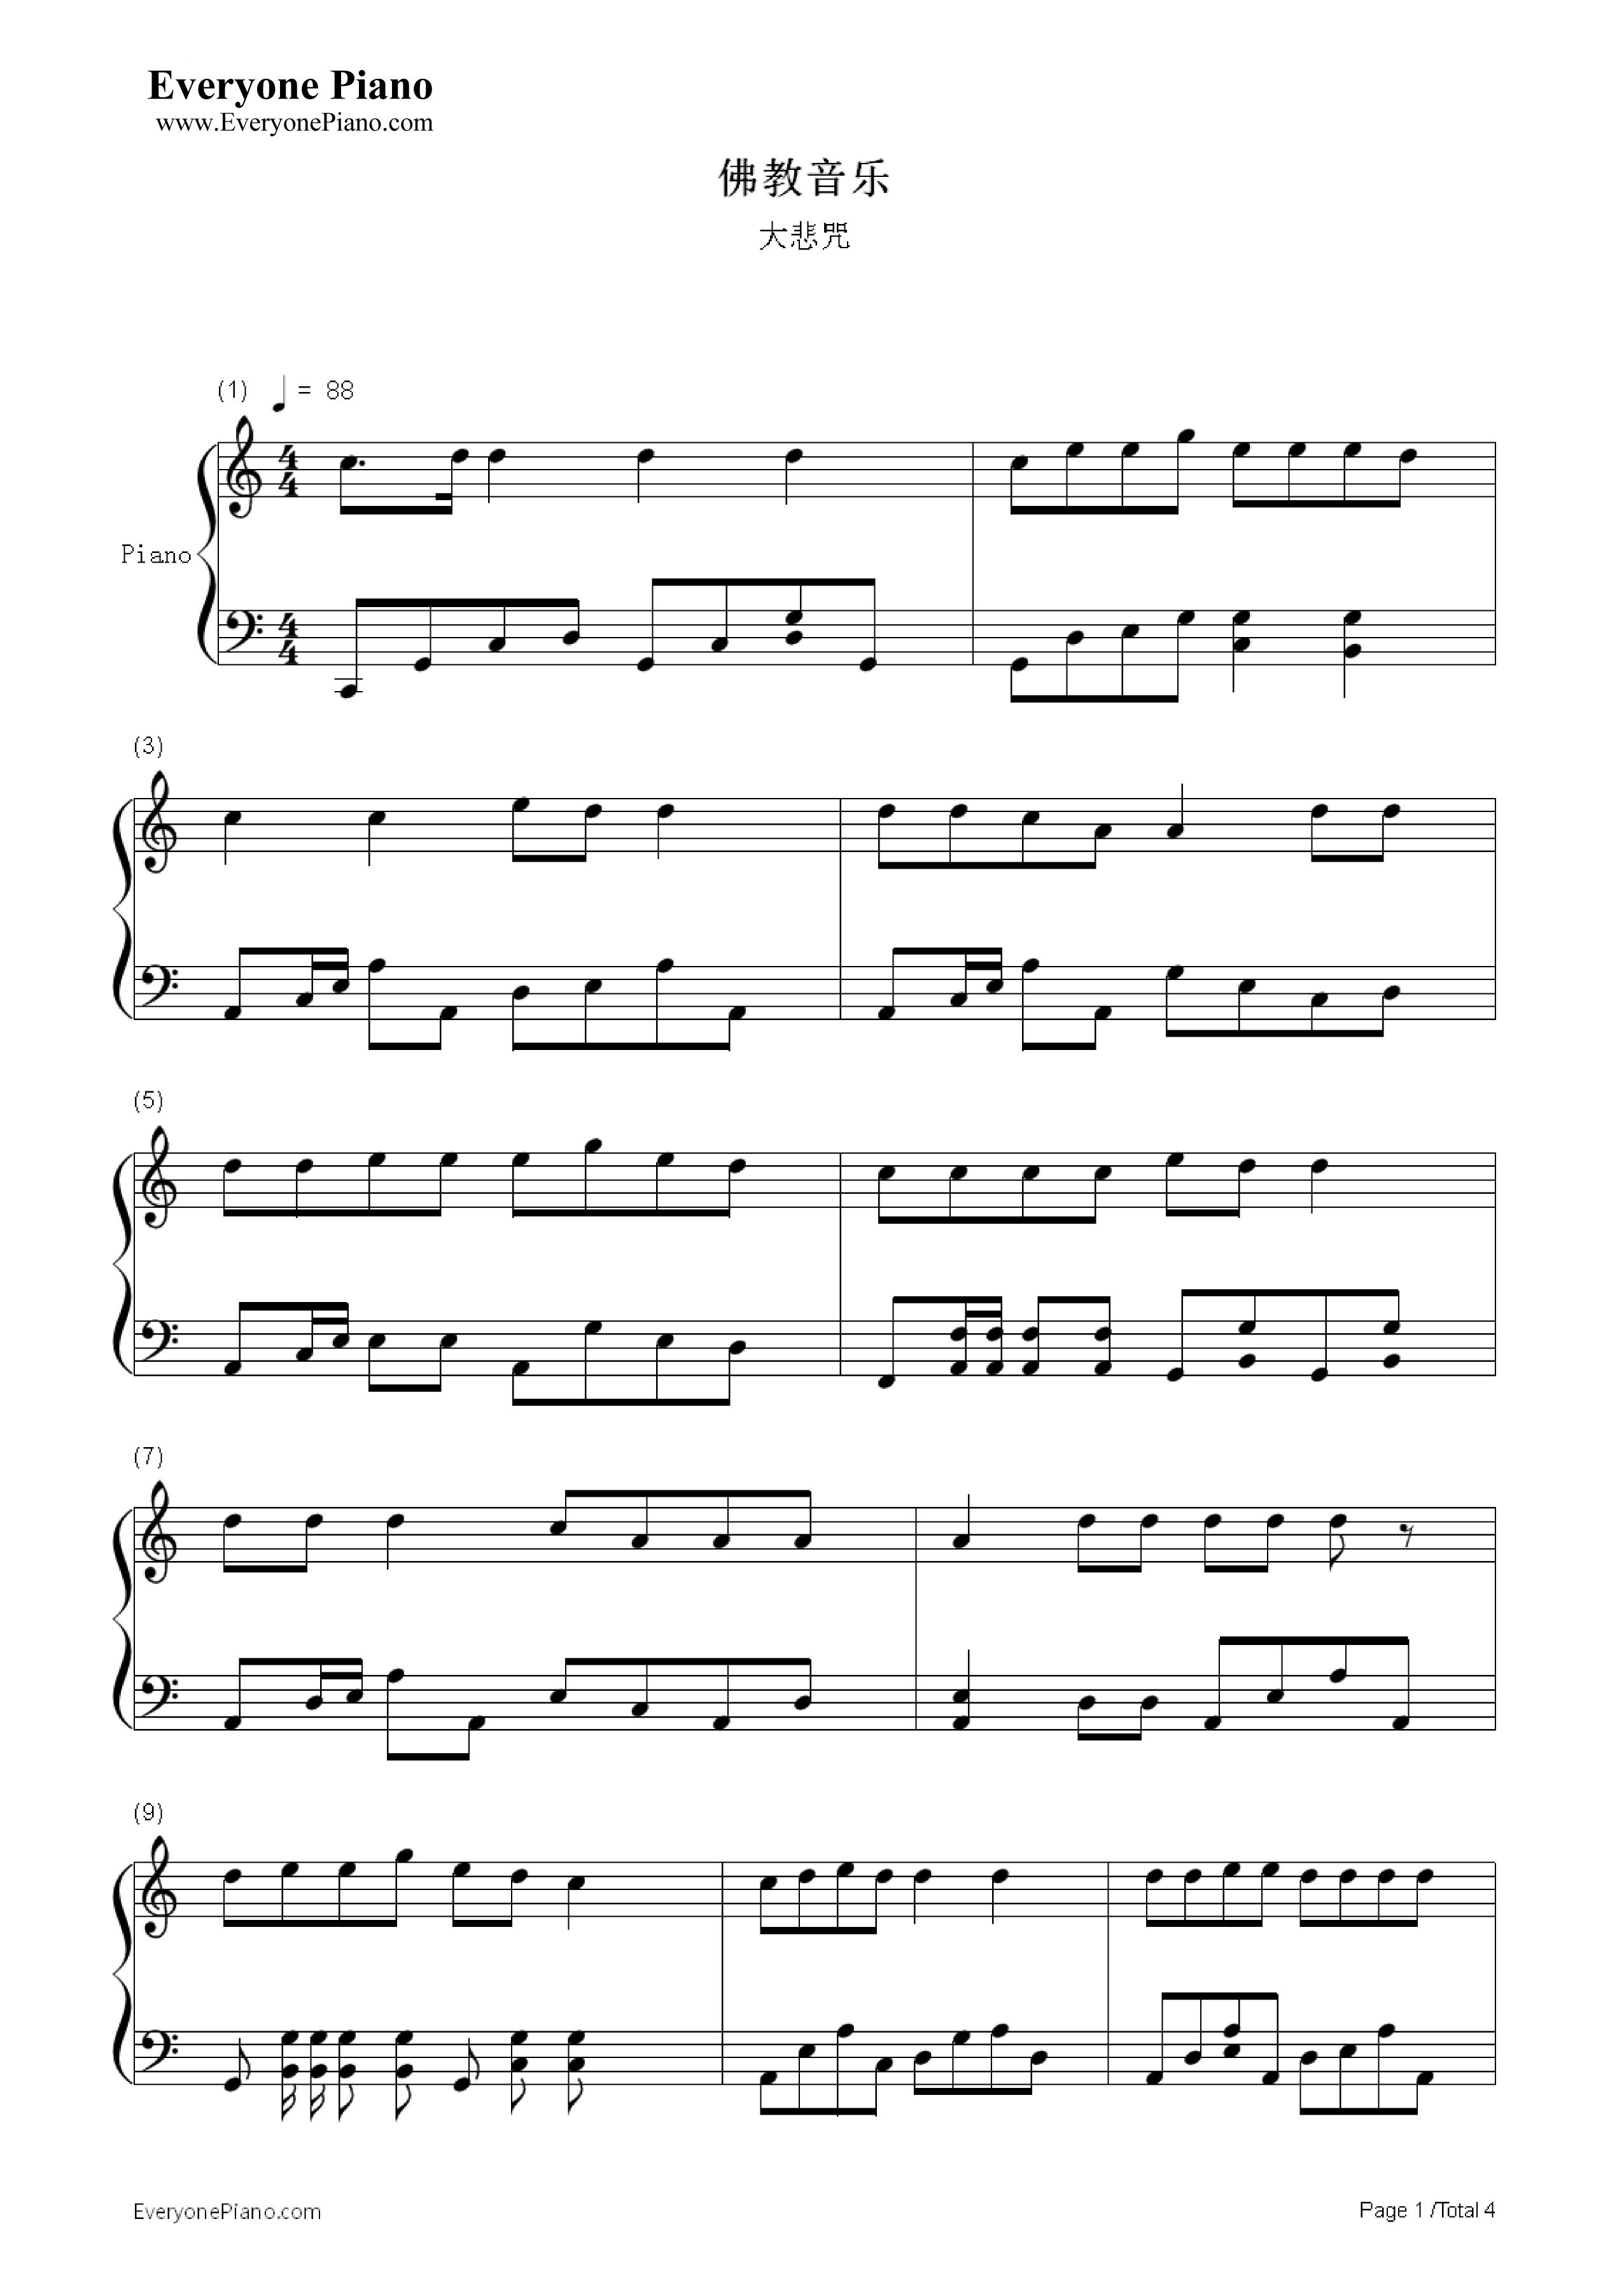 钢琴曲谱 其他 大悲咒 大悲咒五线谱预览1  }  仅供学习交流使用!